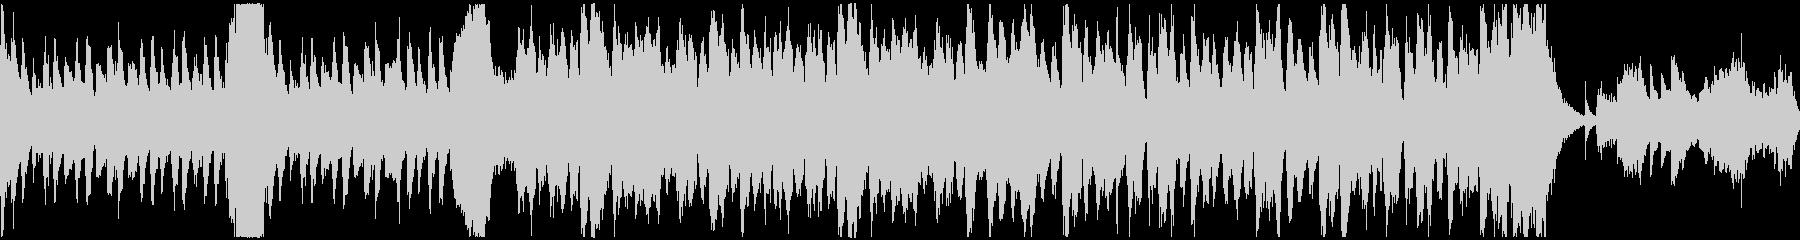 ホラーなオーケストラのループ素材の未再生の波形